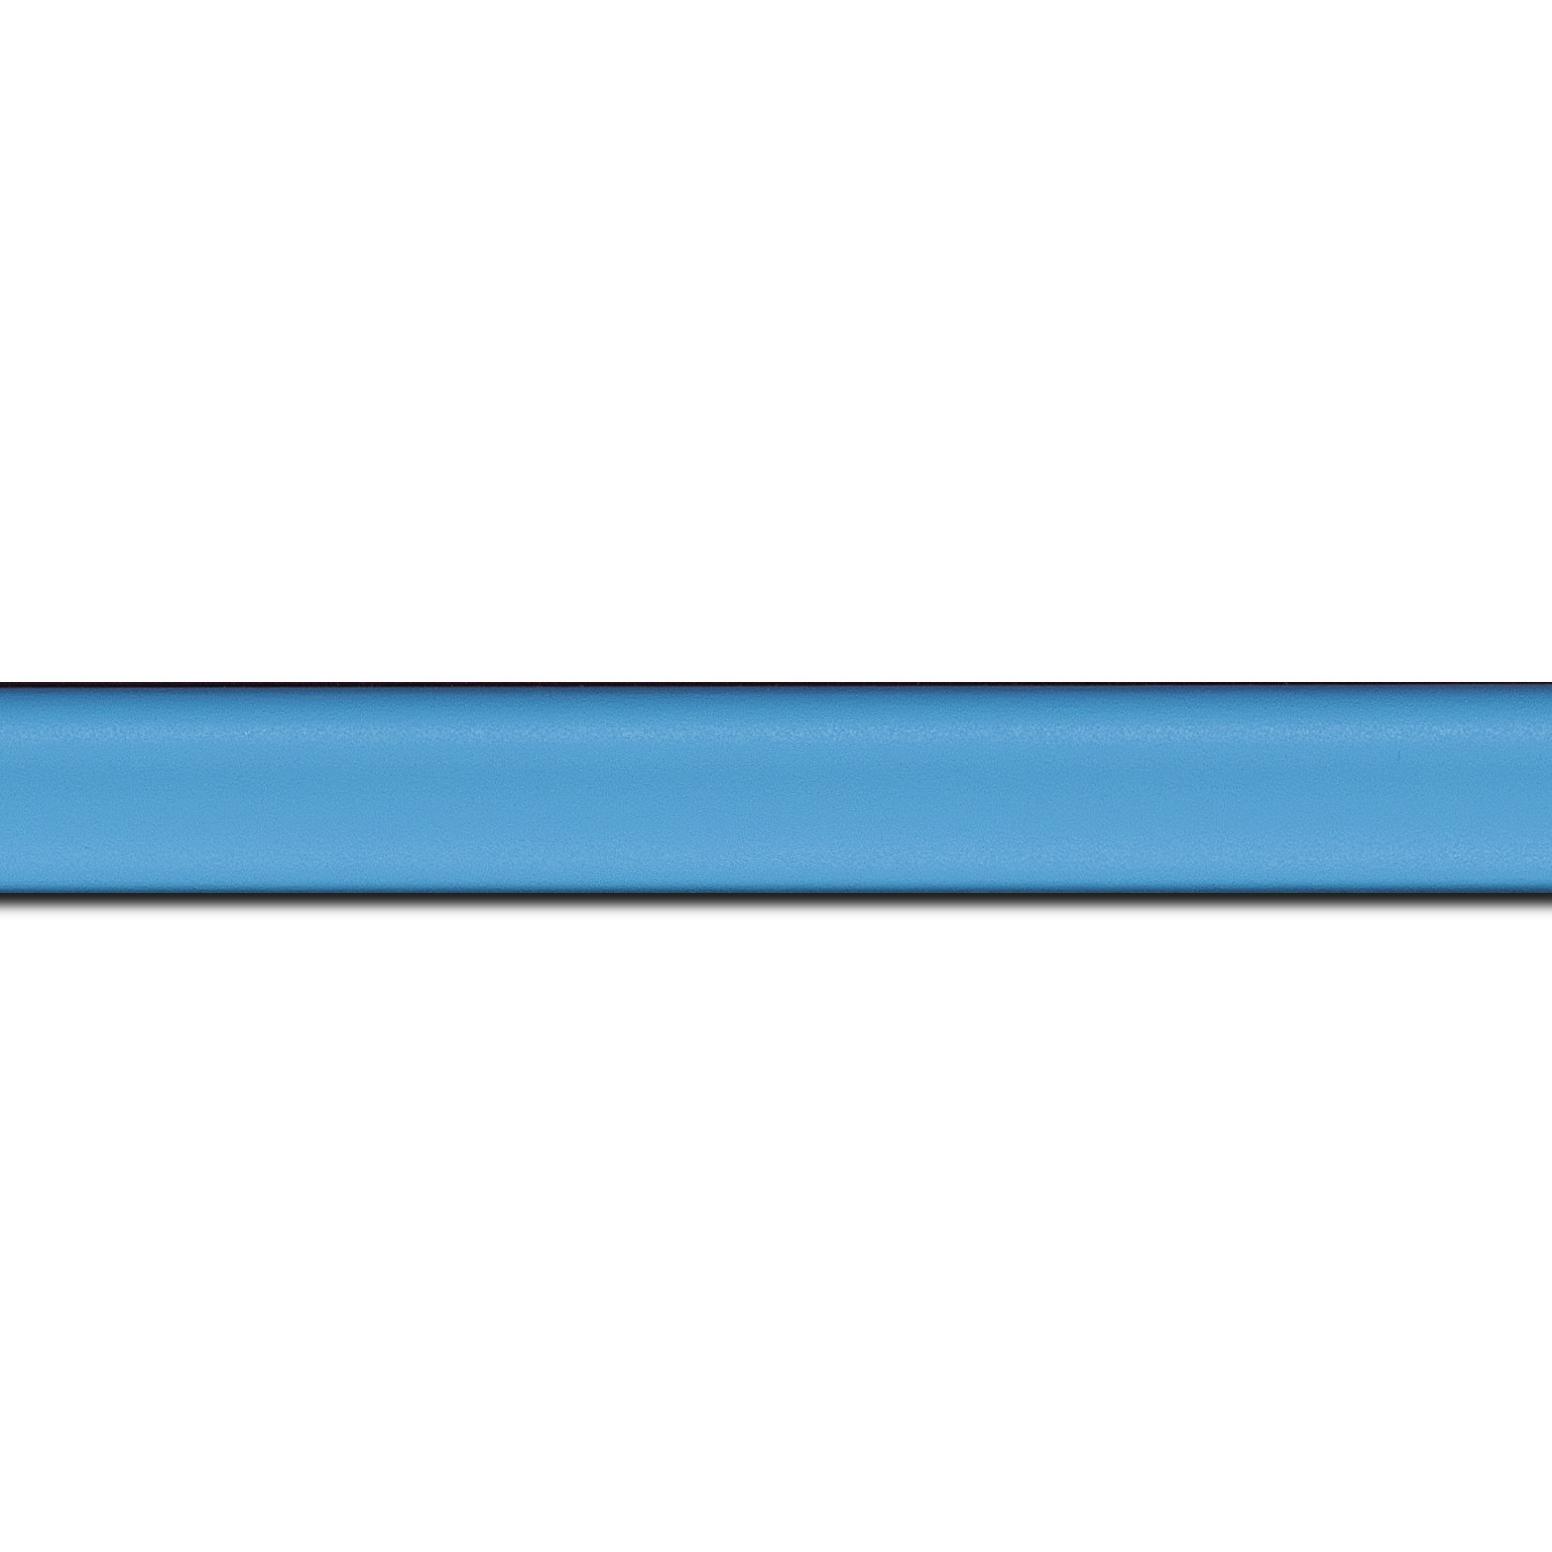 Baguette longueur 1.40m bois profil incuvé largeur 2.1cm couleur bleu tendre satiné